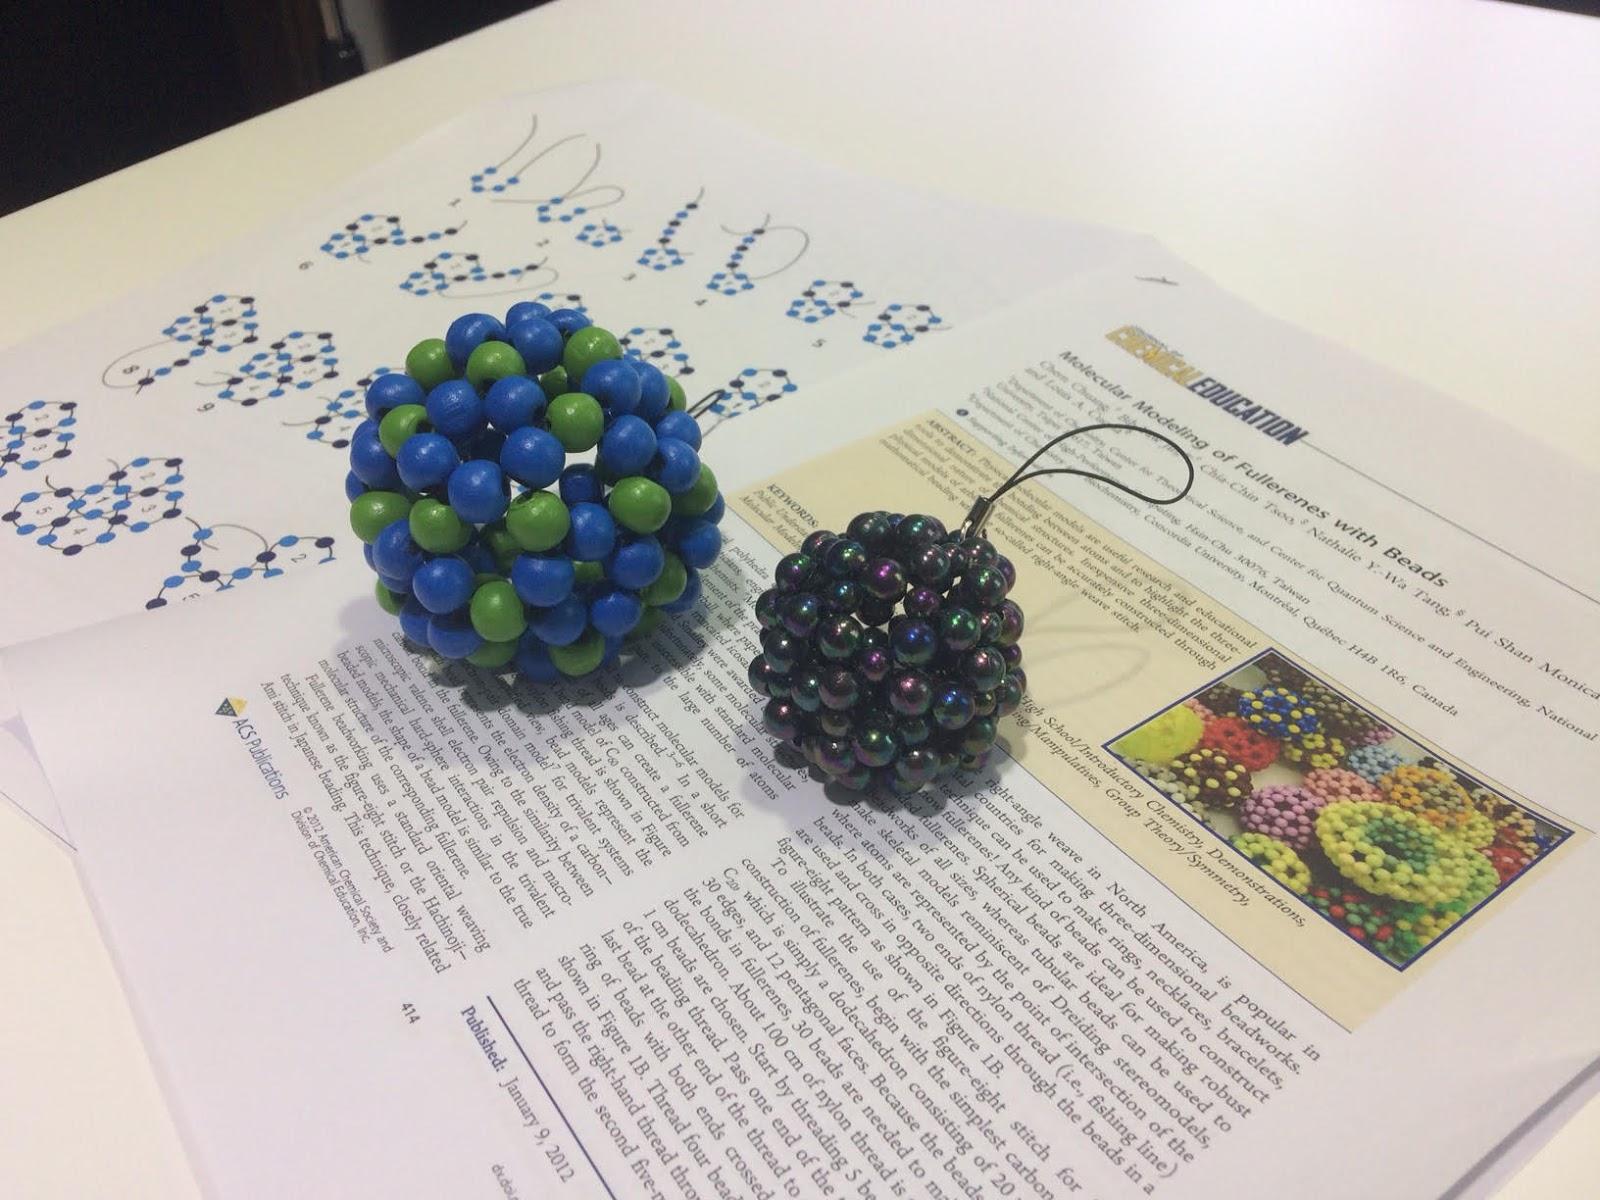 NZ Nano: Molecular beading